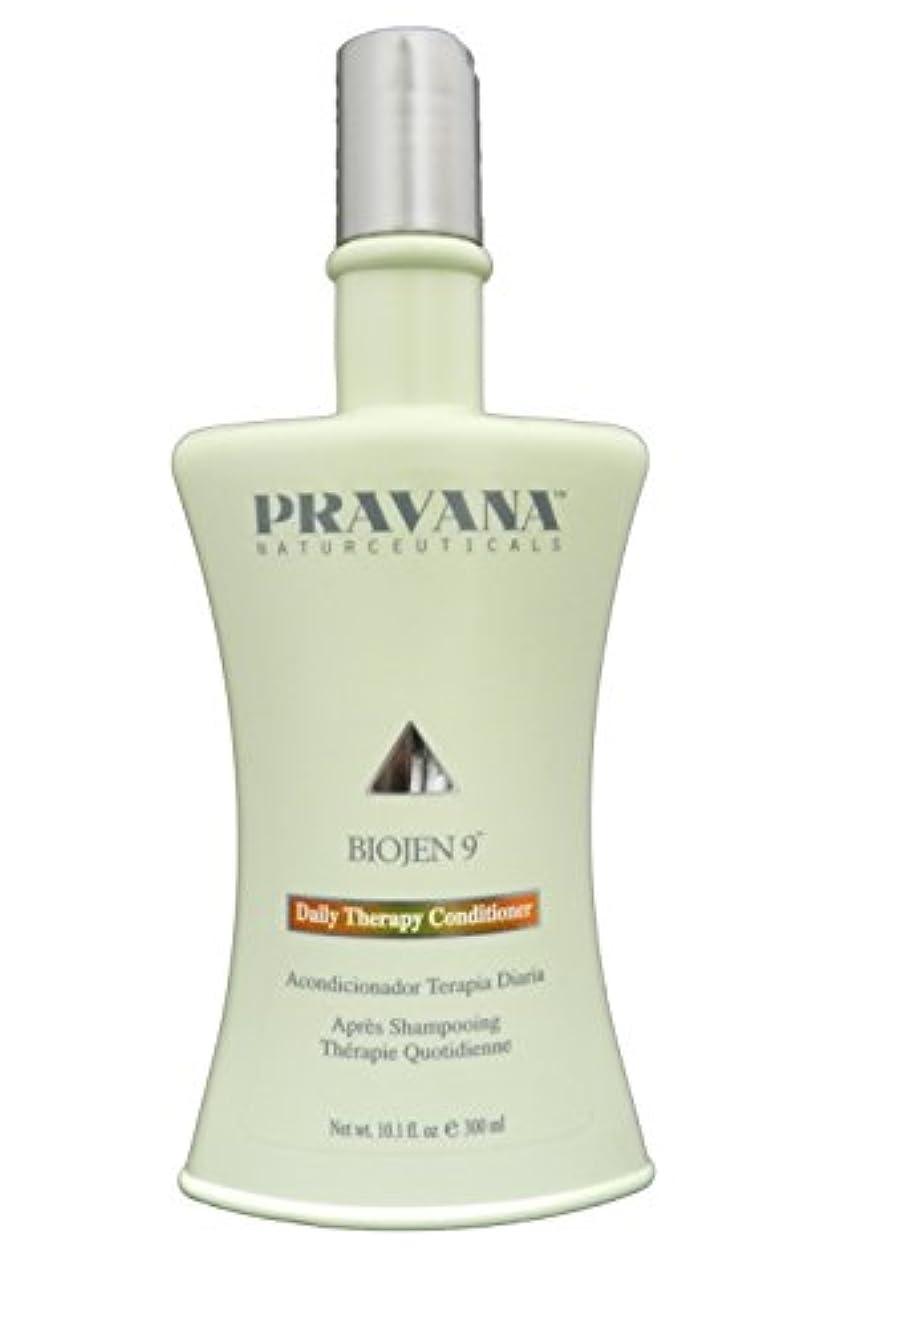 神経障害解任混雑Pravana BIOJEN 9デイリーセラピーコンディショナー10.1オンス(300ミリリットル)